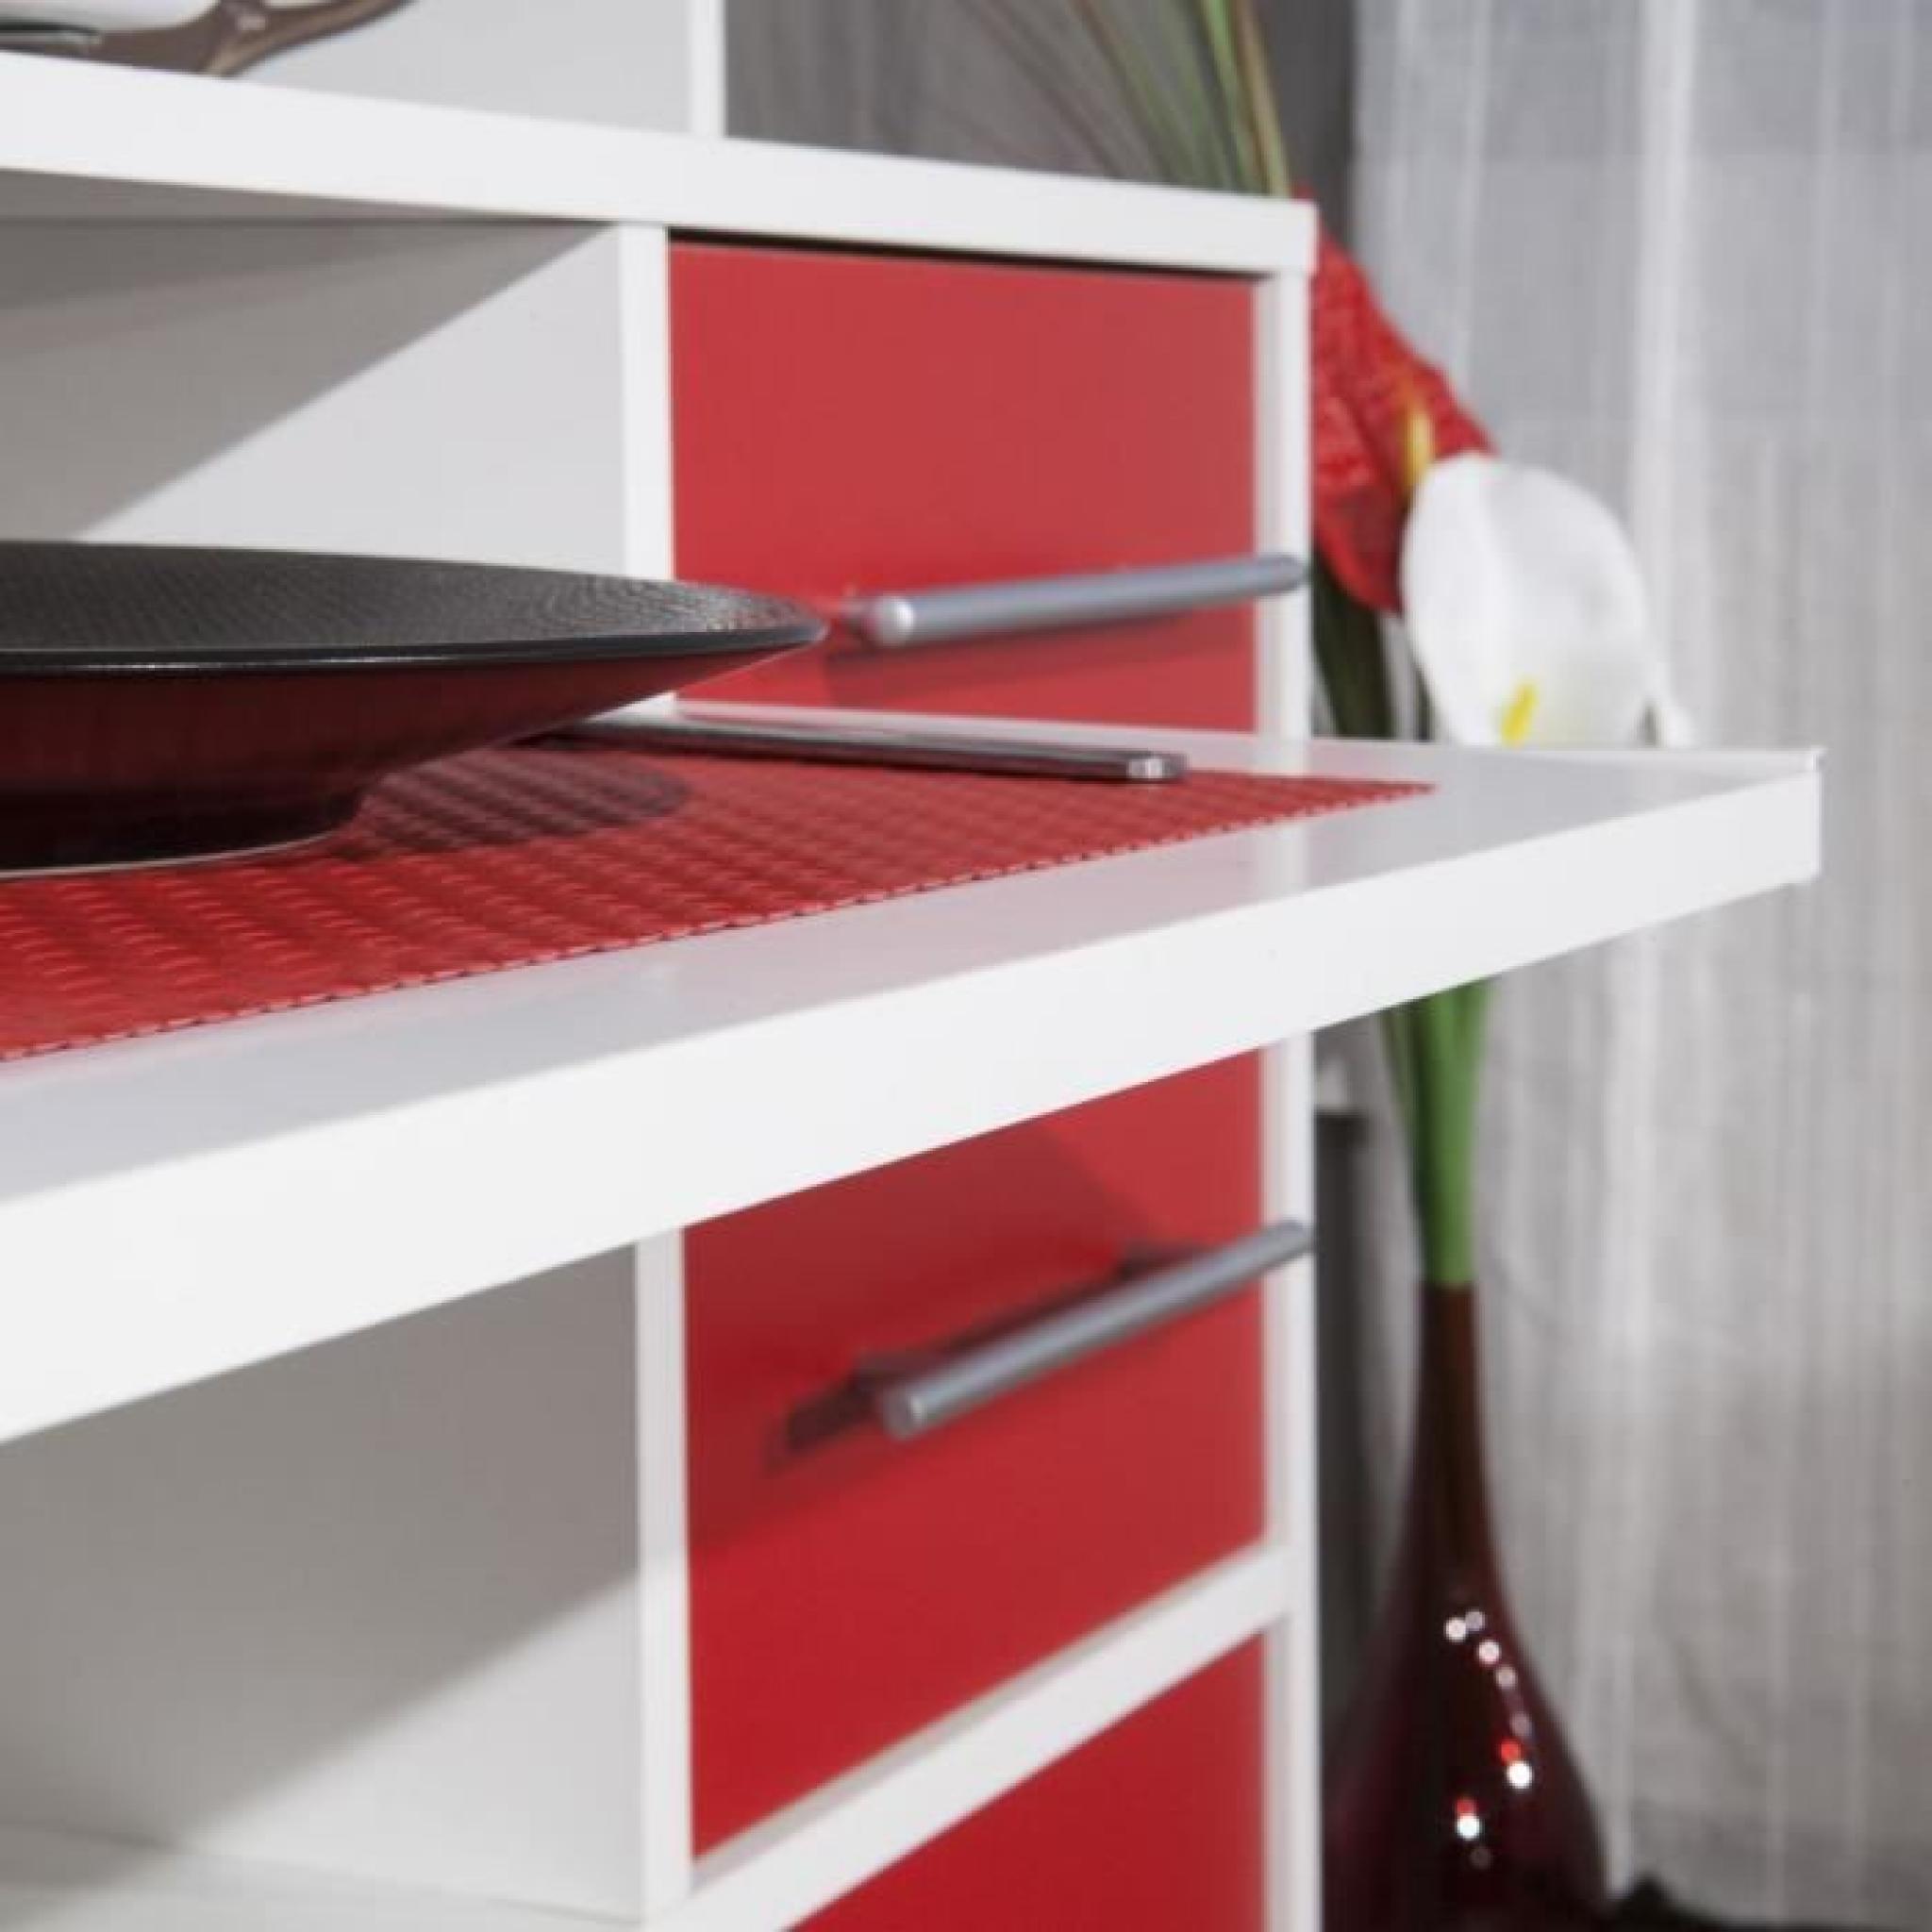 peps buffet de cuisine 89cm rouge et blanc achat vente. Black Bedroom Furniture Sets. Home Design Ideas